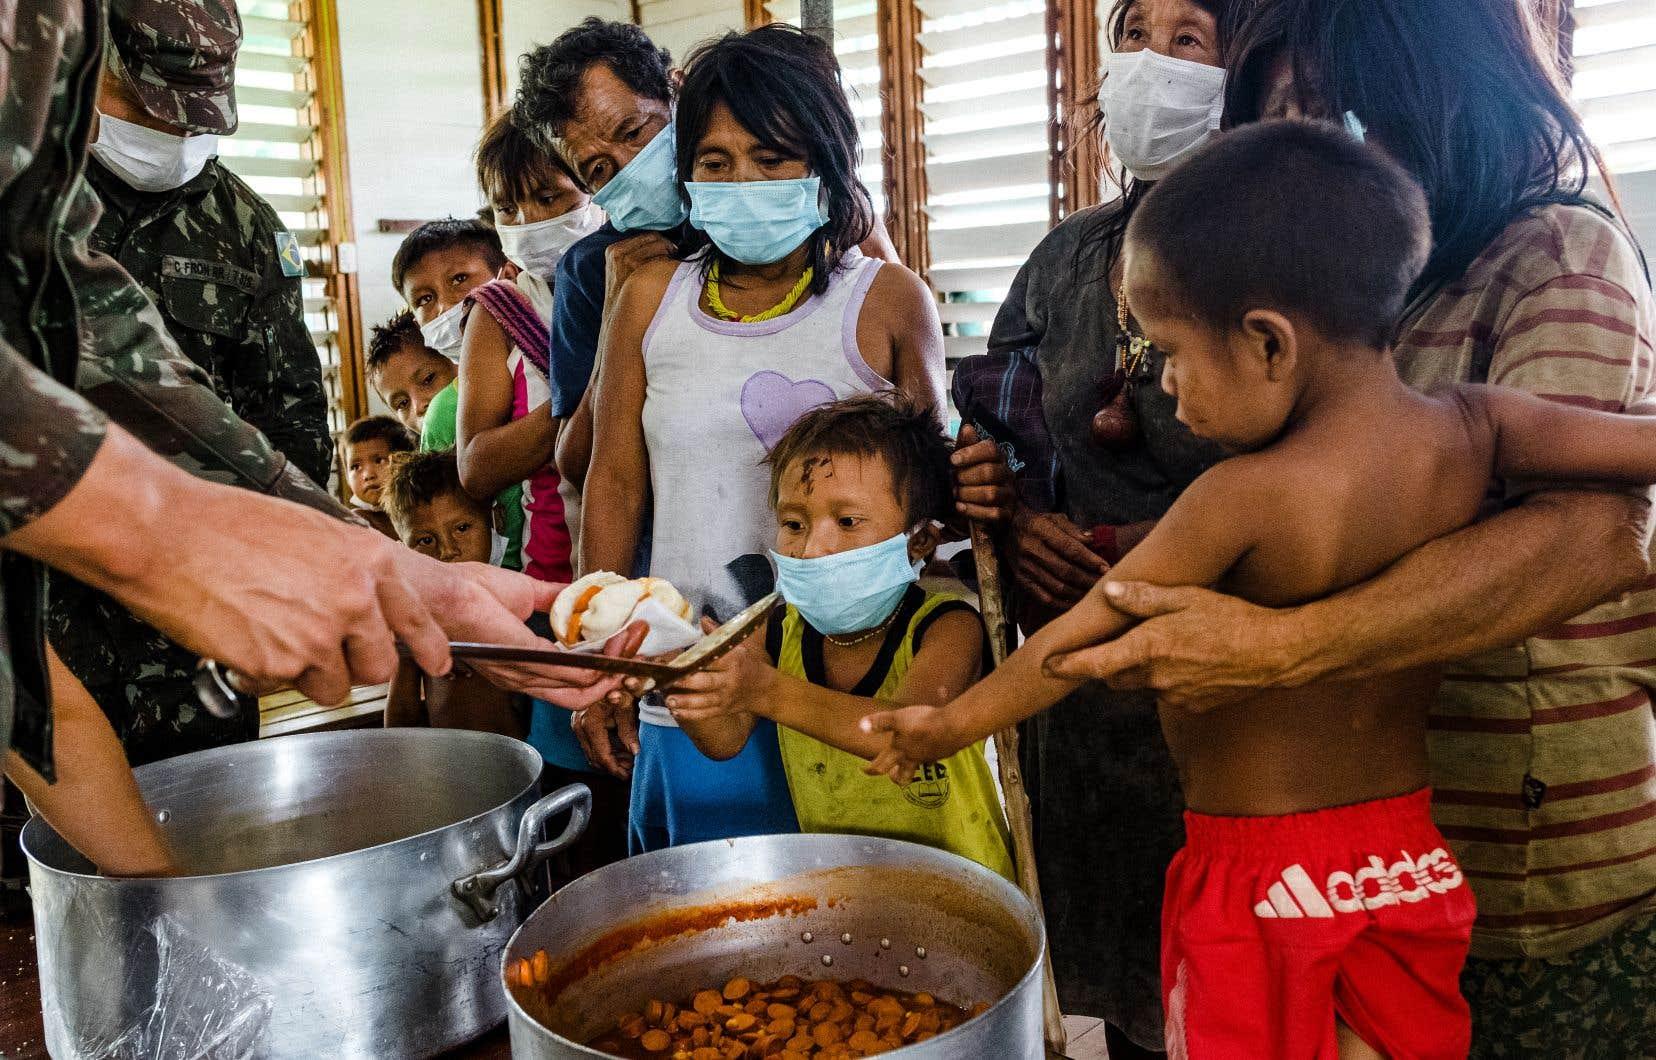 La COVID-19 frappe fort parmi les Premières Nations du Brésil. Le nombre de cas a bondi en l'espace de quelques semaines dans certaines communautés et les morts s'additionnent. L'armée brésilienne distribue de la nourriture lors de son passage à la base de Surucucu.